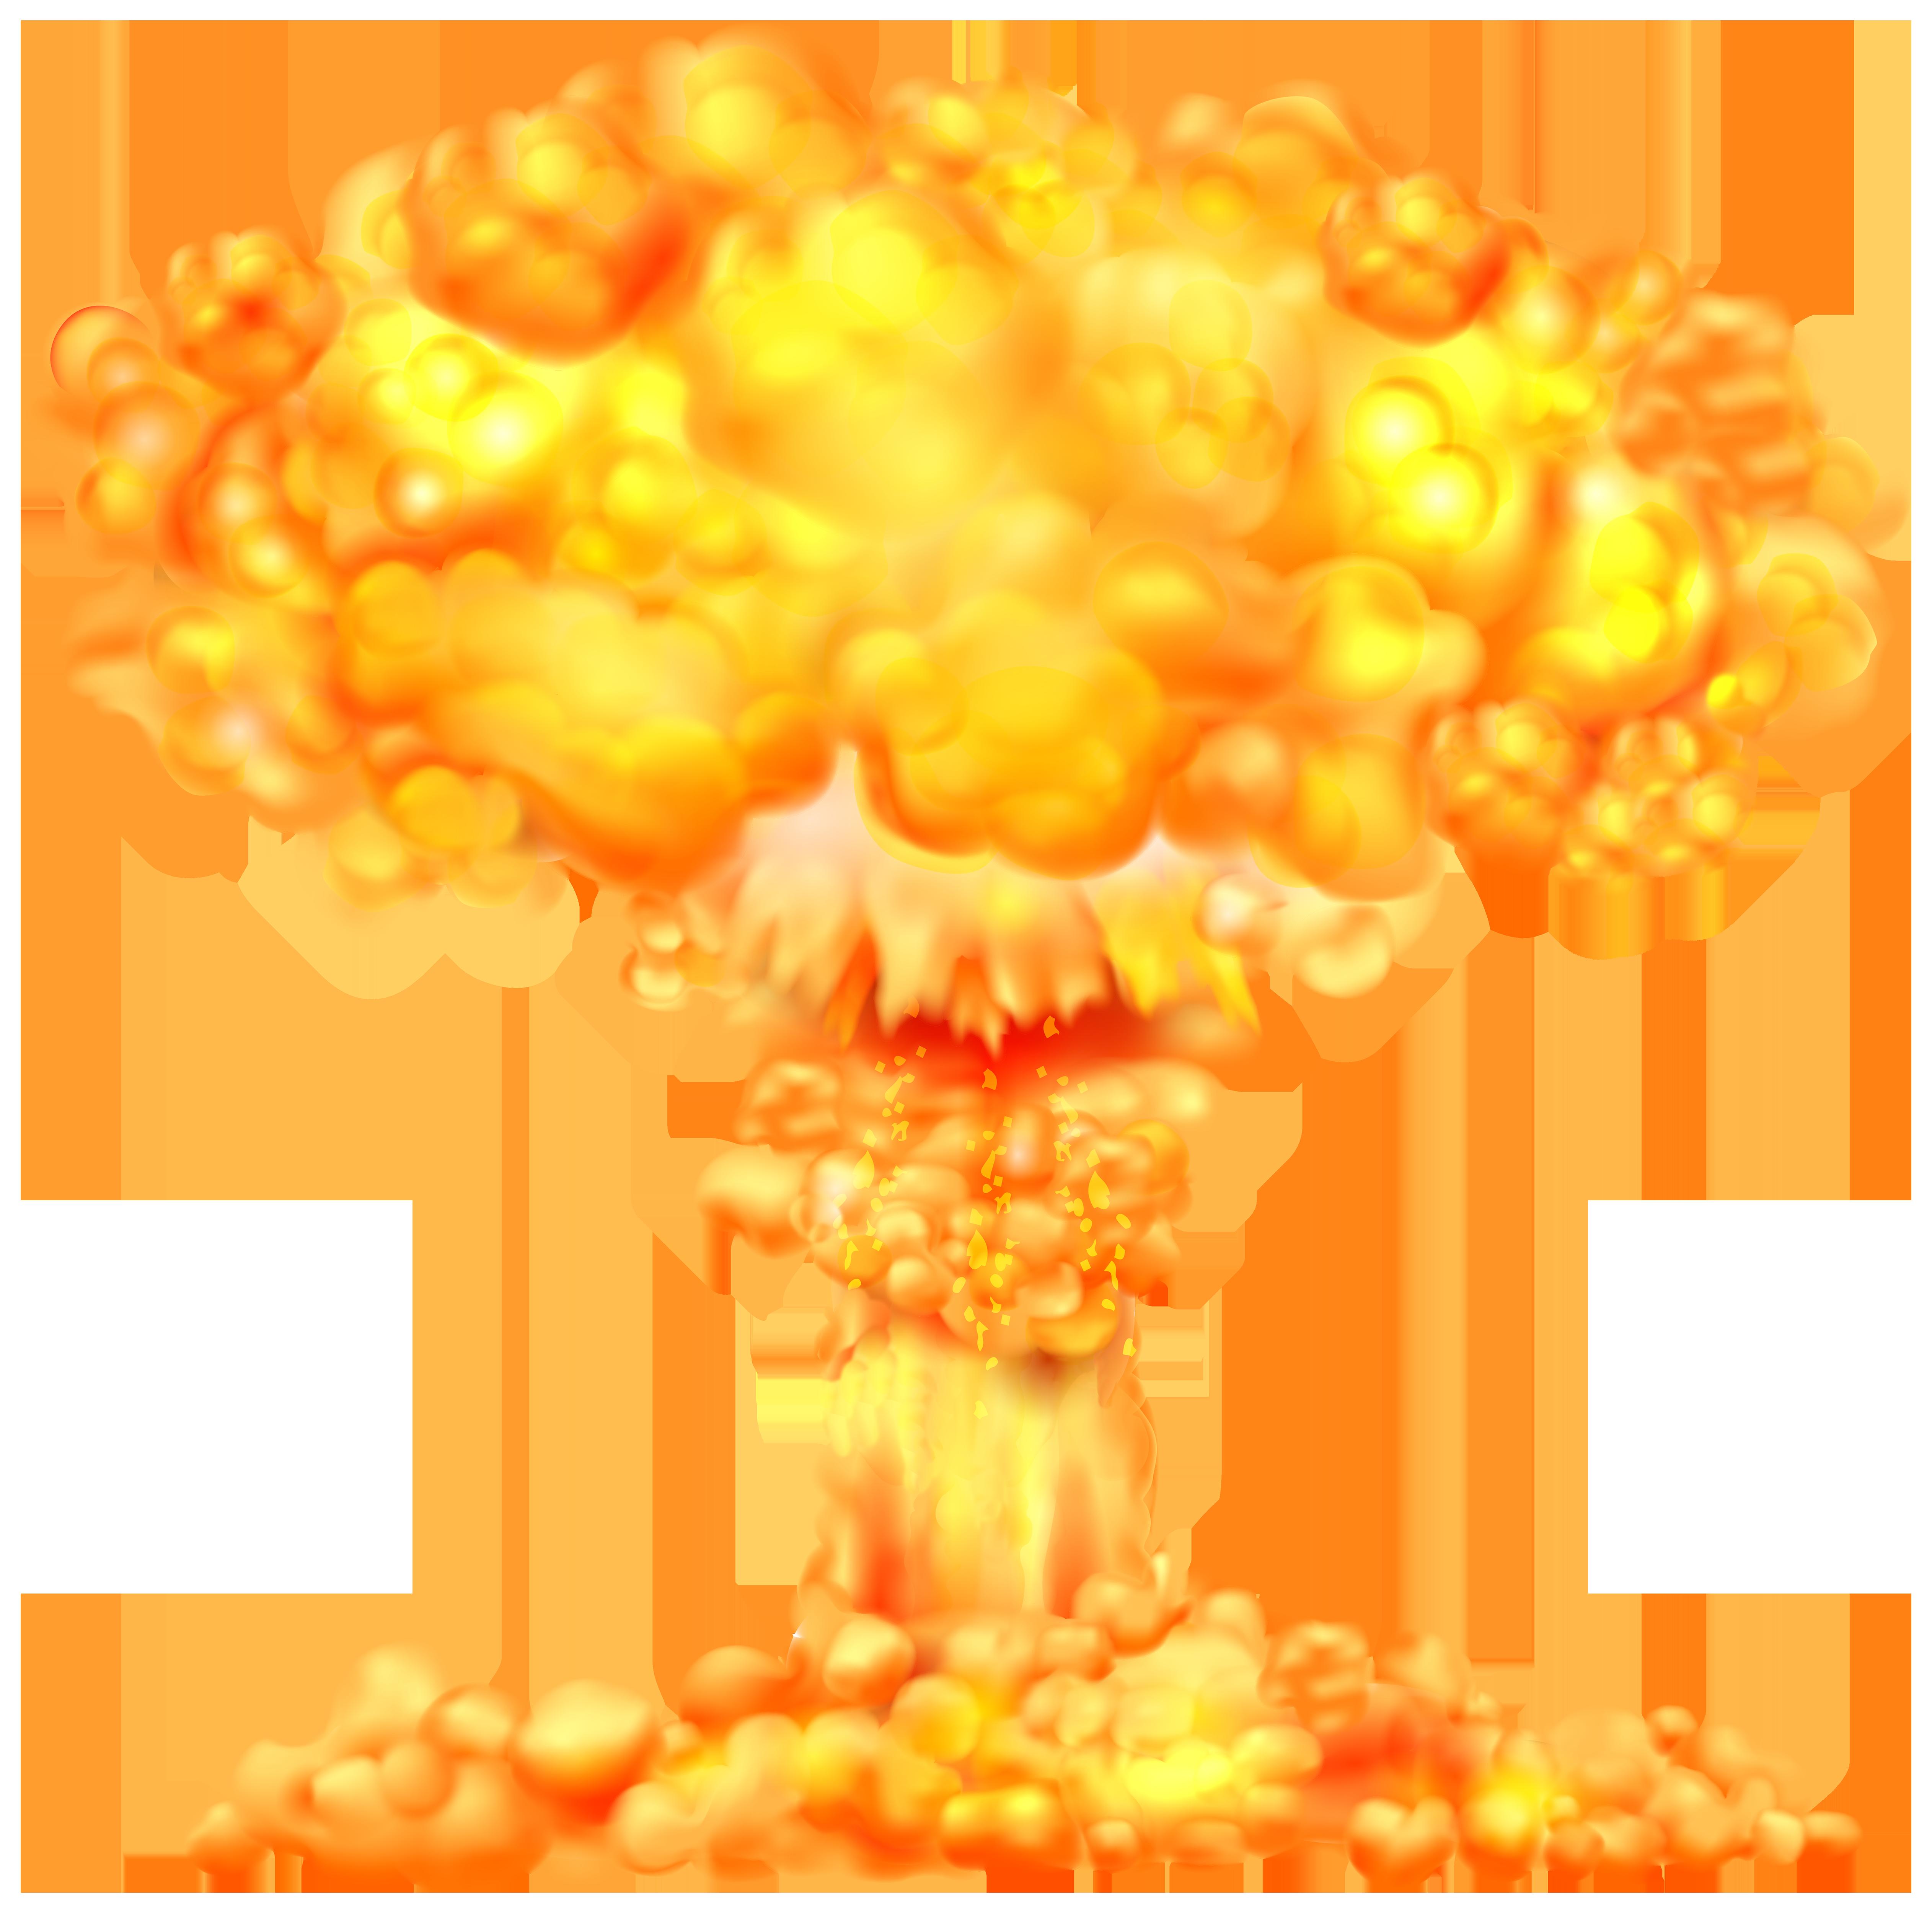 Fire Explosion Transparent PNG Clip Art Image.